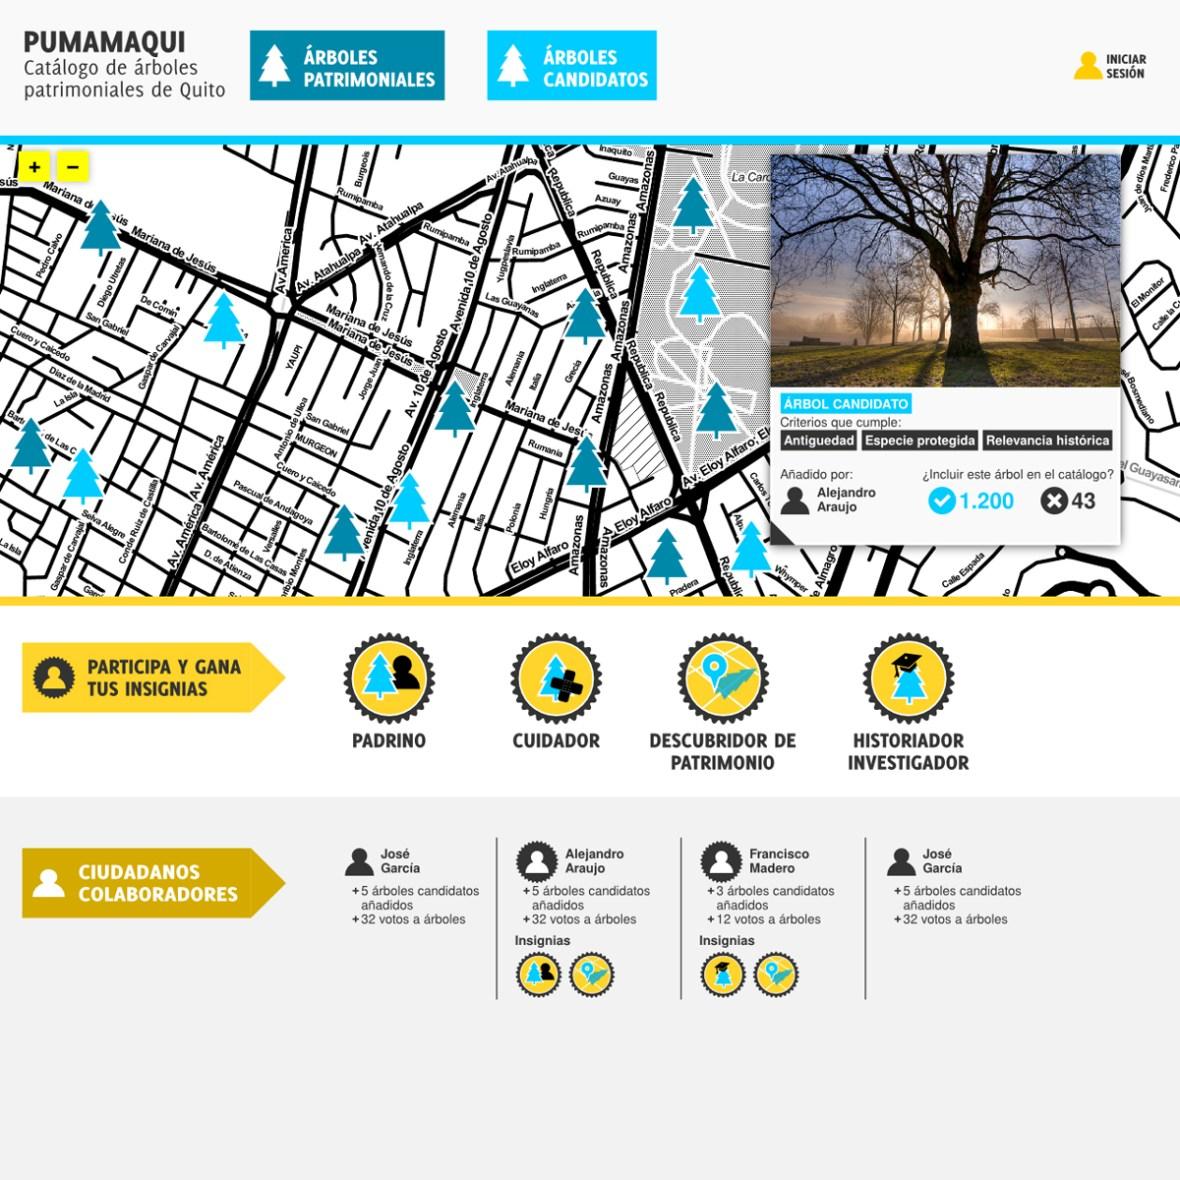 03-pumamaquii-plataforma.digital